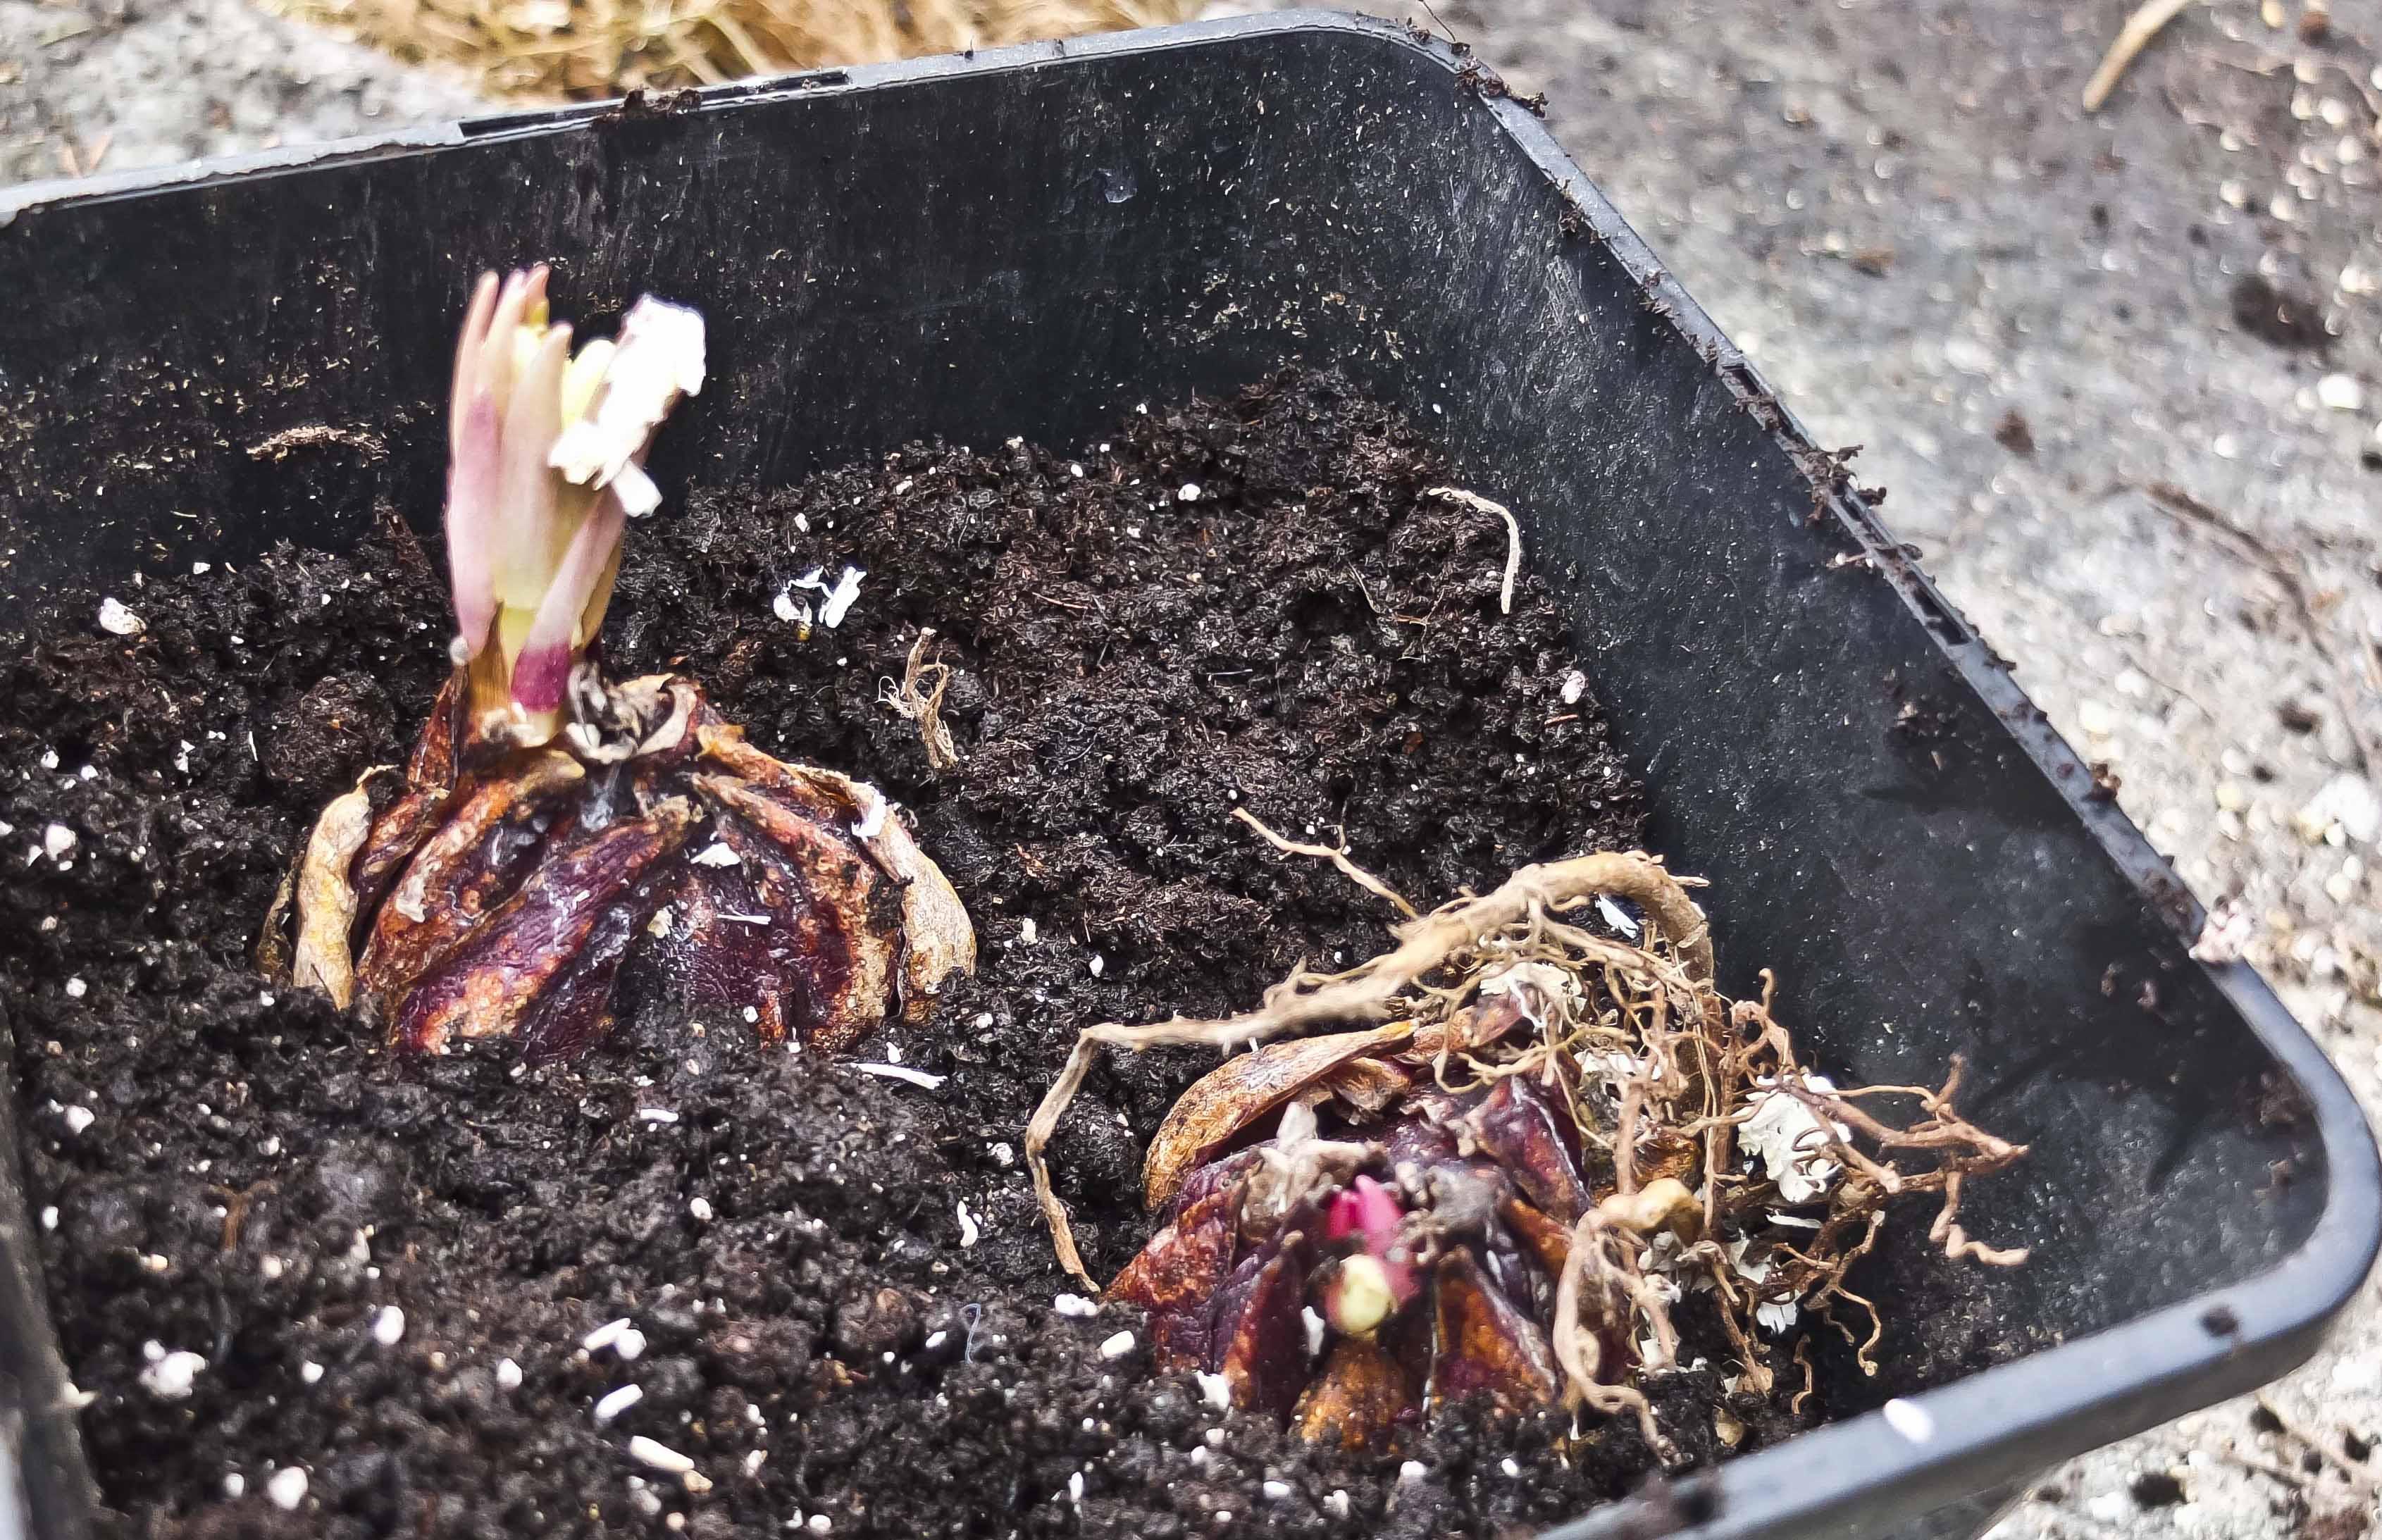 Dise to kongelilje-løkene plantet jeg i krukke i april. Deretter stod de i drivhuset i seks uker før jeg plantet de ut.